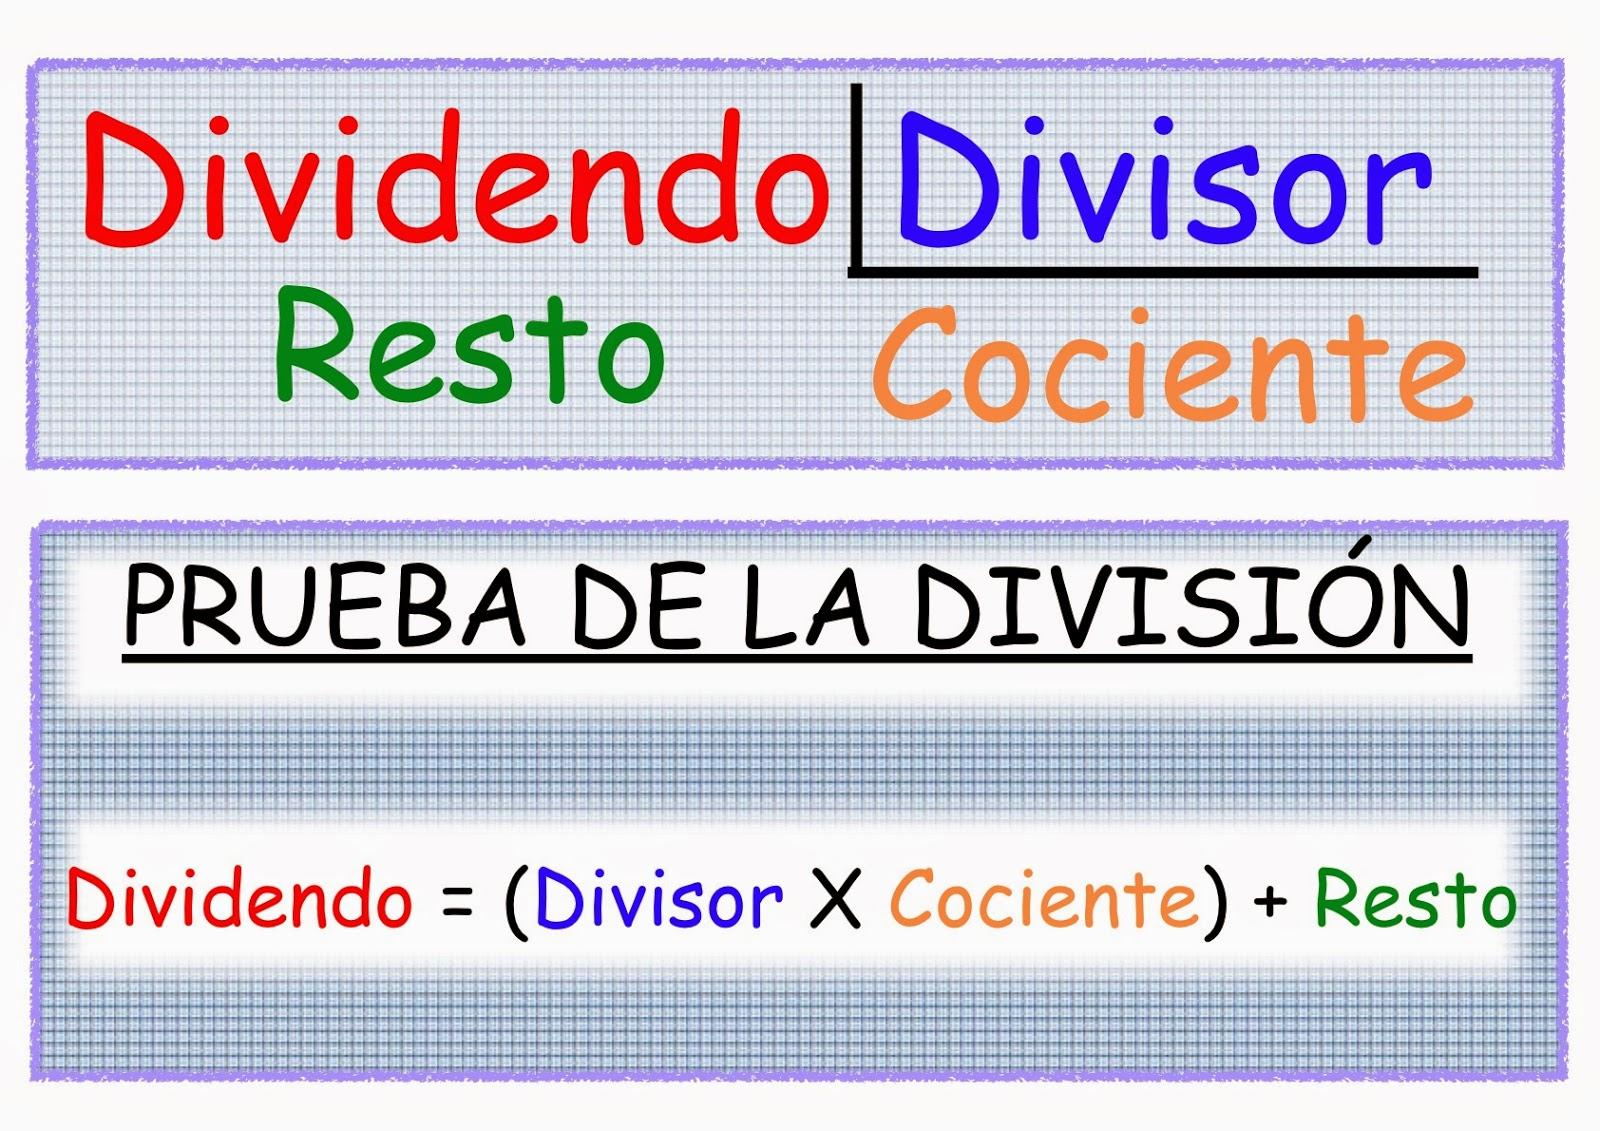 http://bromera.com/tl_files/activitatsdigitals/Capicua_4c_PF/cas_C4_u07_36_0_operacionsDirectes.swf